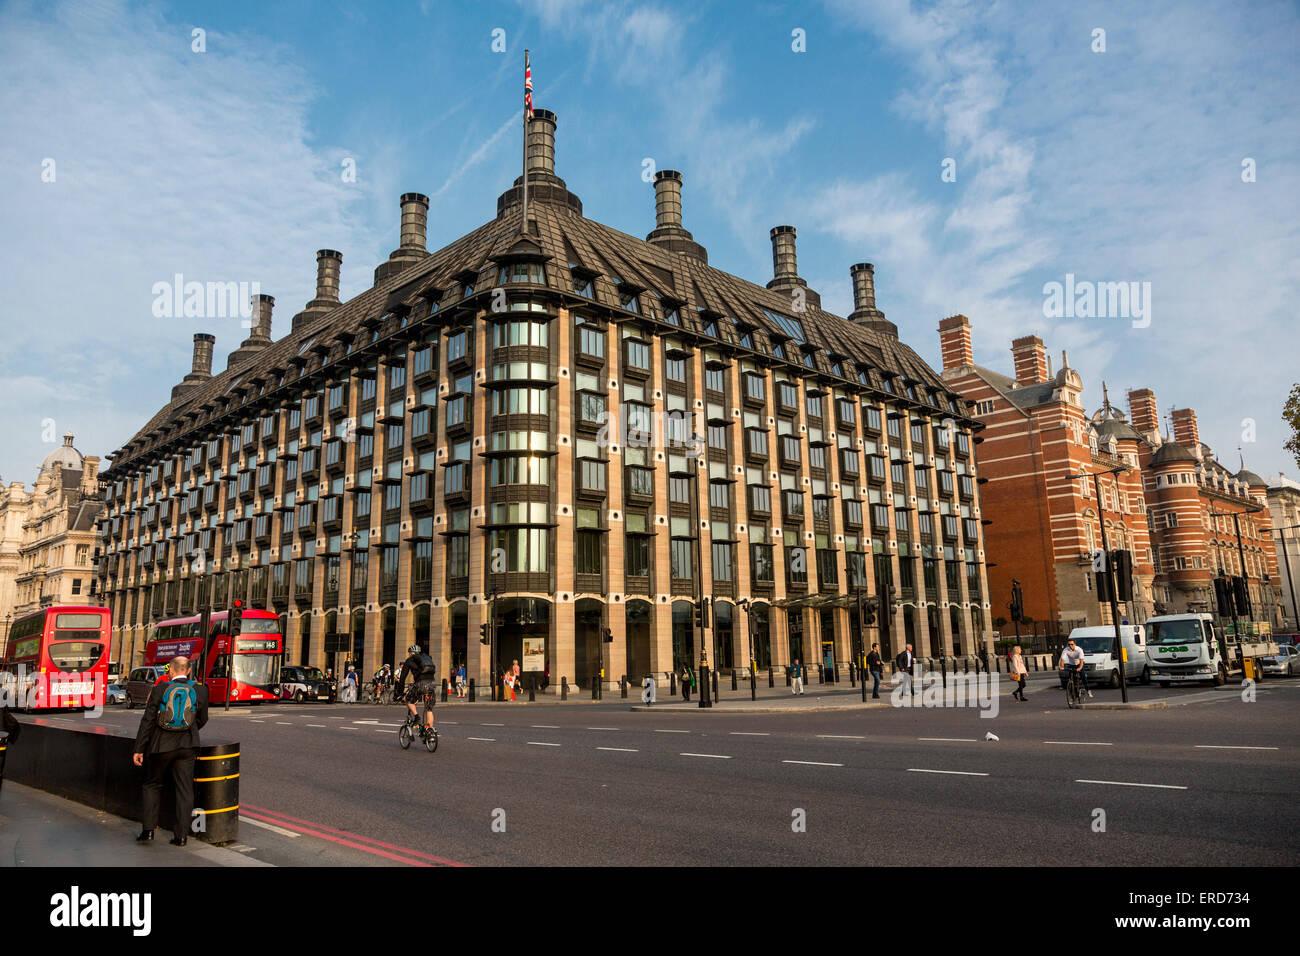 Reino Unido, Inglaterra, Londres. Portcullis House, el Parlamento las oficinas y las salas de comité. Foto de stock